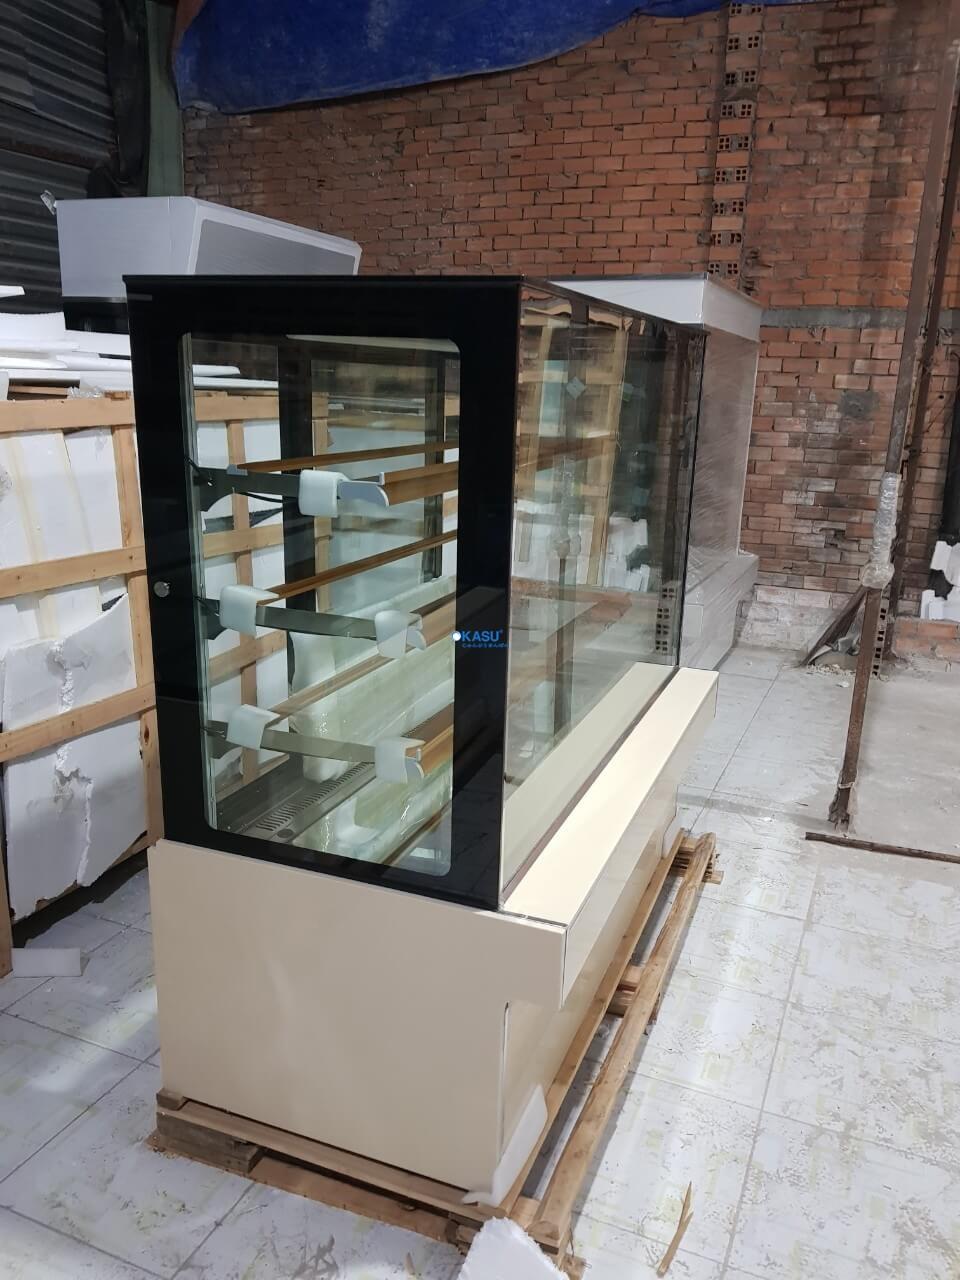 Tủ trưng bày bánh kem 4 tầng OKASU OKA-1500M - ảnh 6